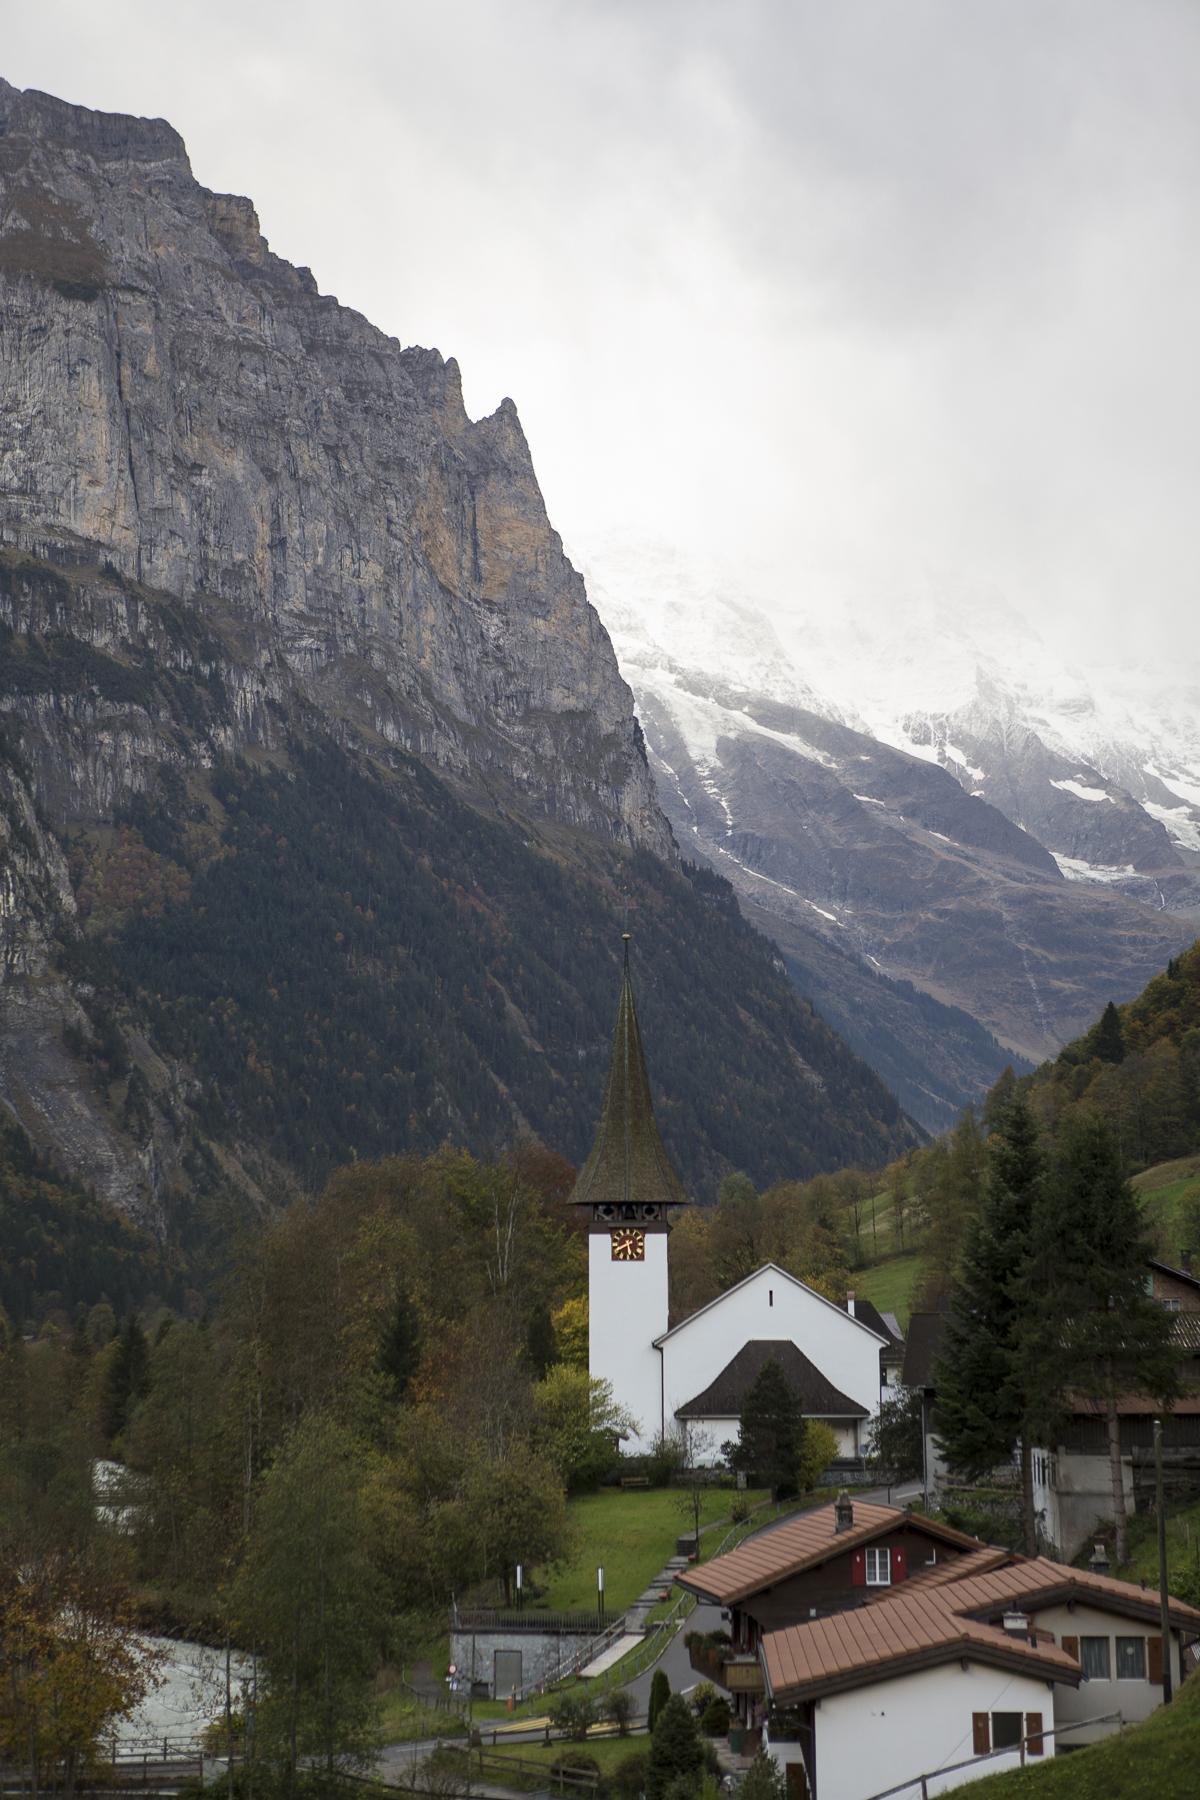 Grindelwald-Interlaken-Lauterbrunnen-23.jpg